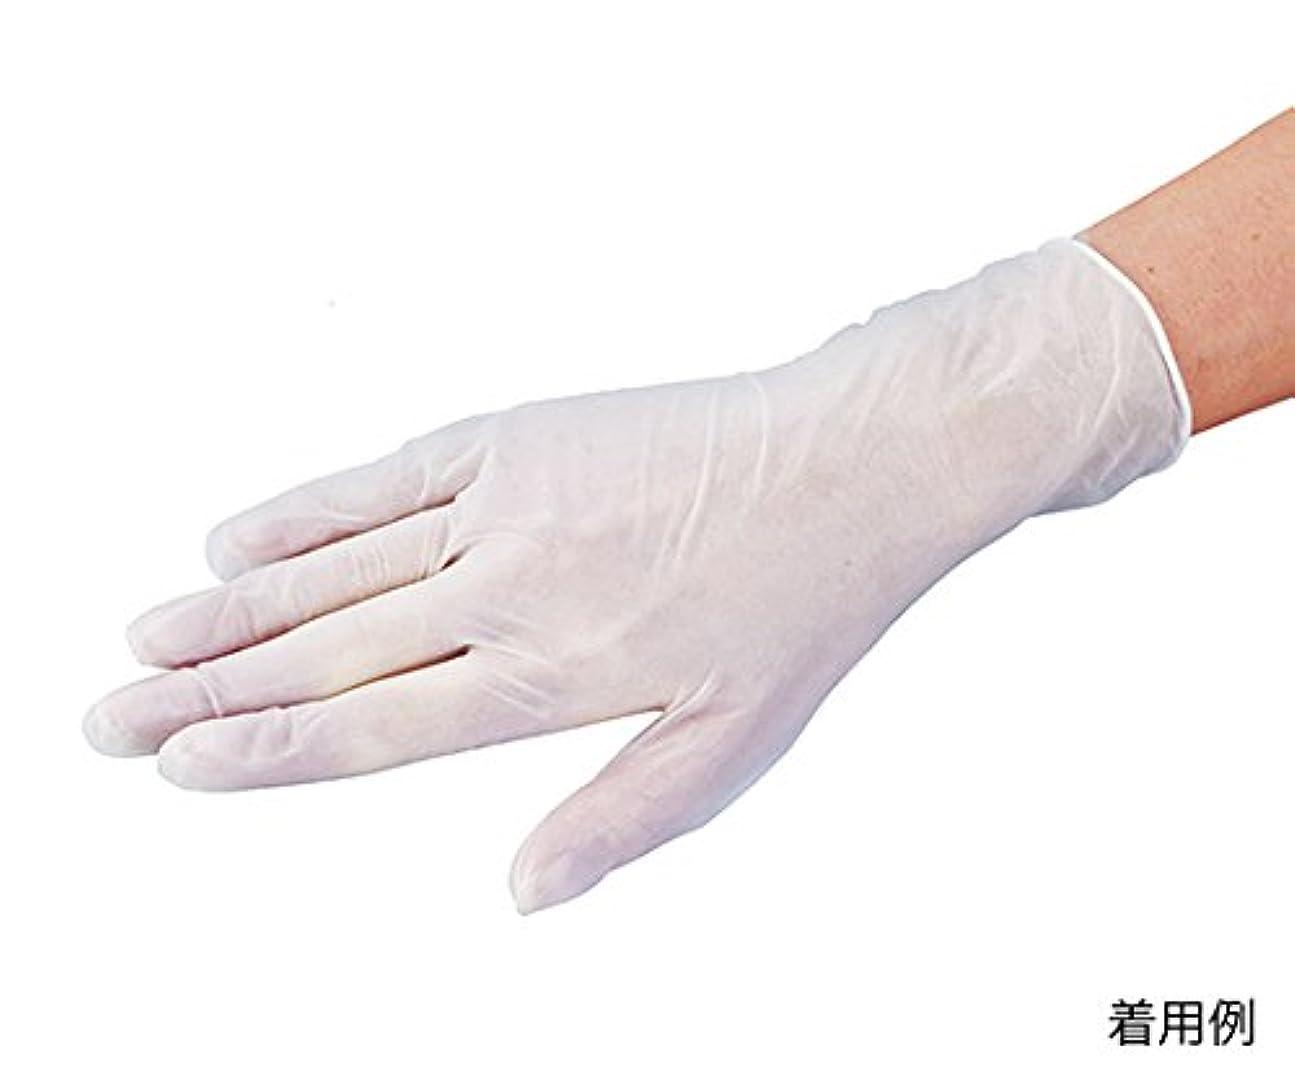 ベル系統的自動的にナビス(アズワン)8-9569-04プロシェアプラスチック手袋パウダー無SS1箱(100枚入)